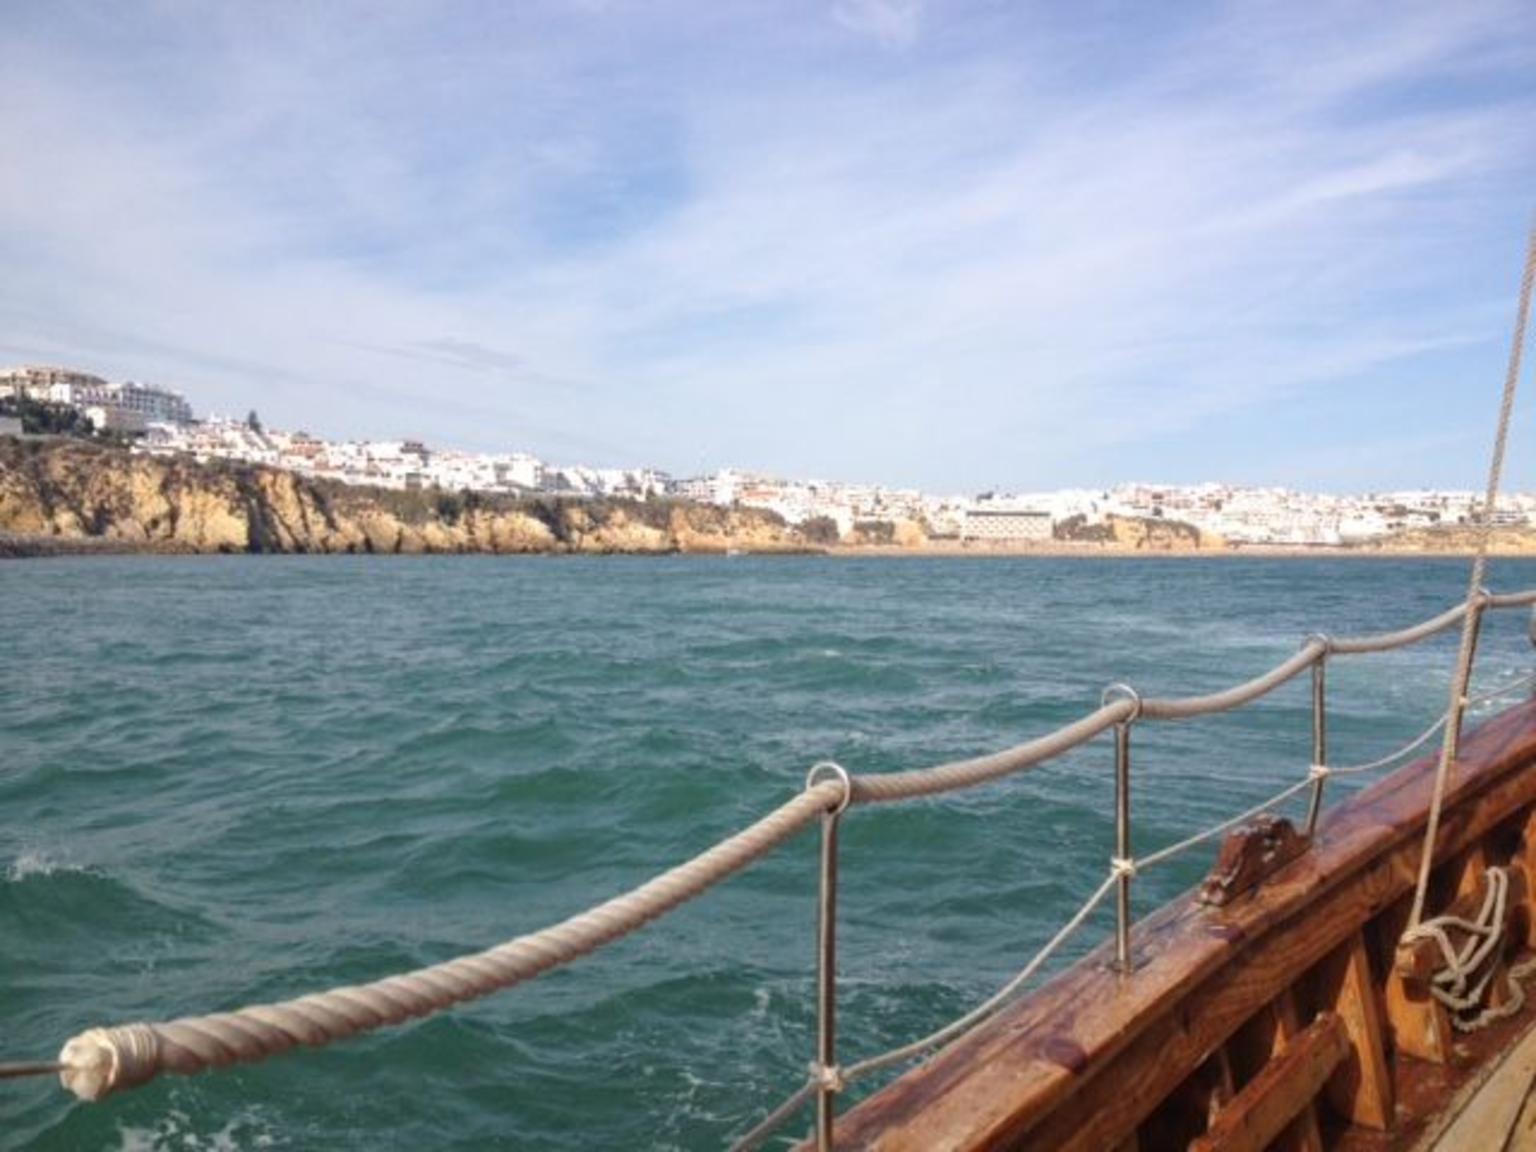 MÁS FOTOS, Crucero en barco pirata